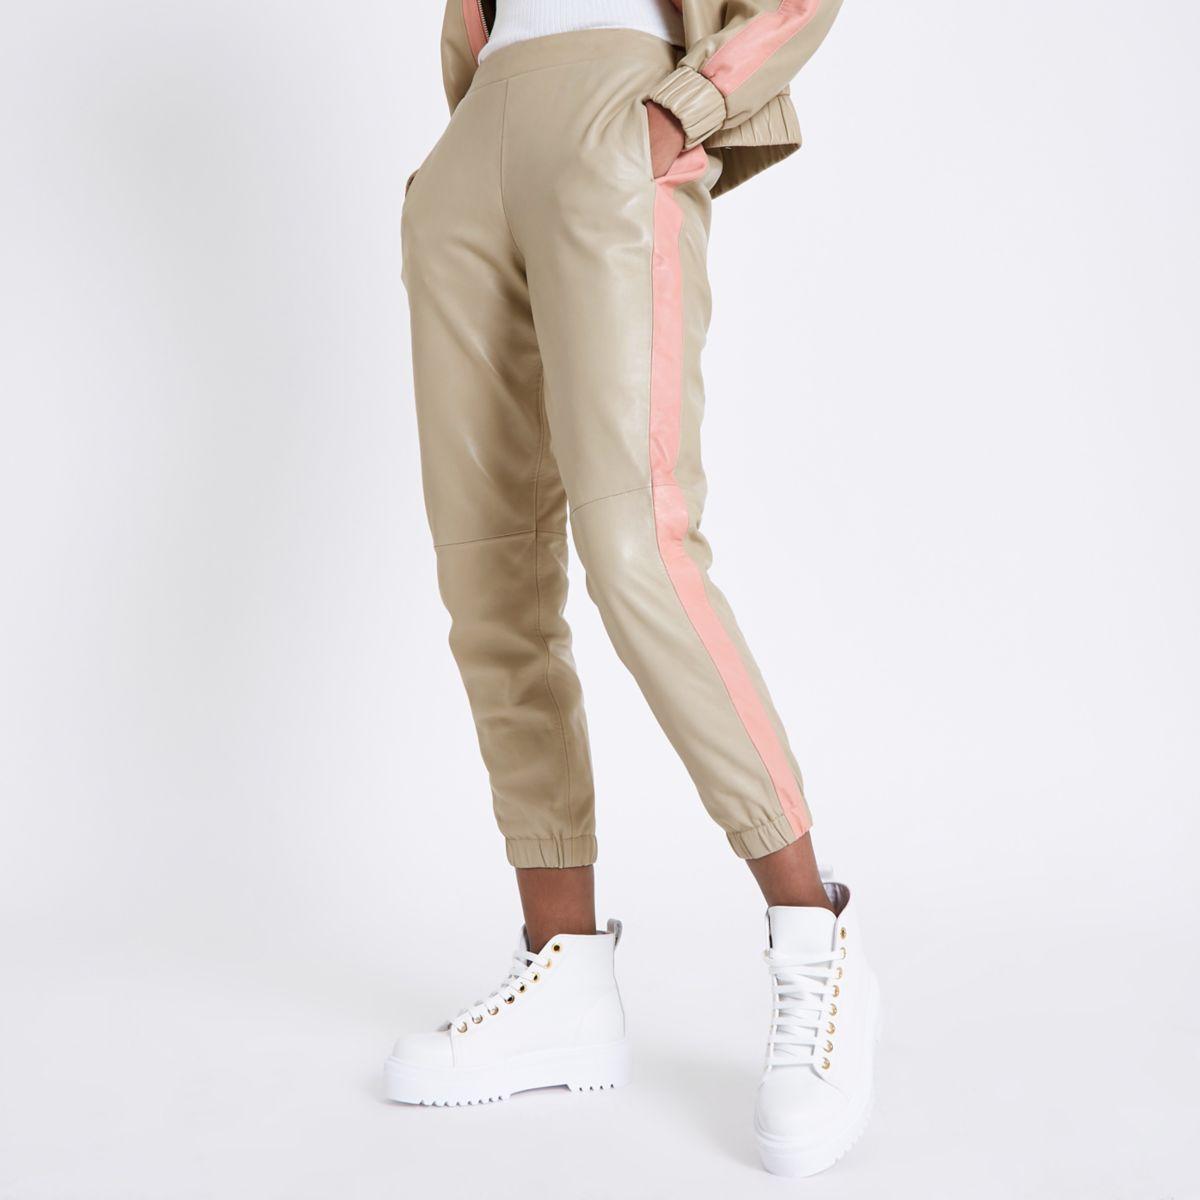 Pantalon fuselé en cuir beige